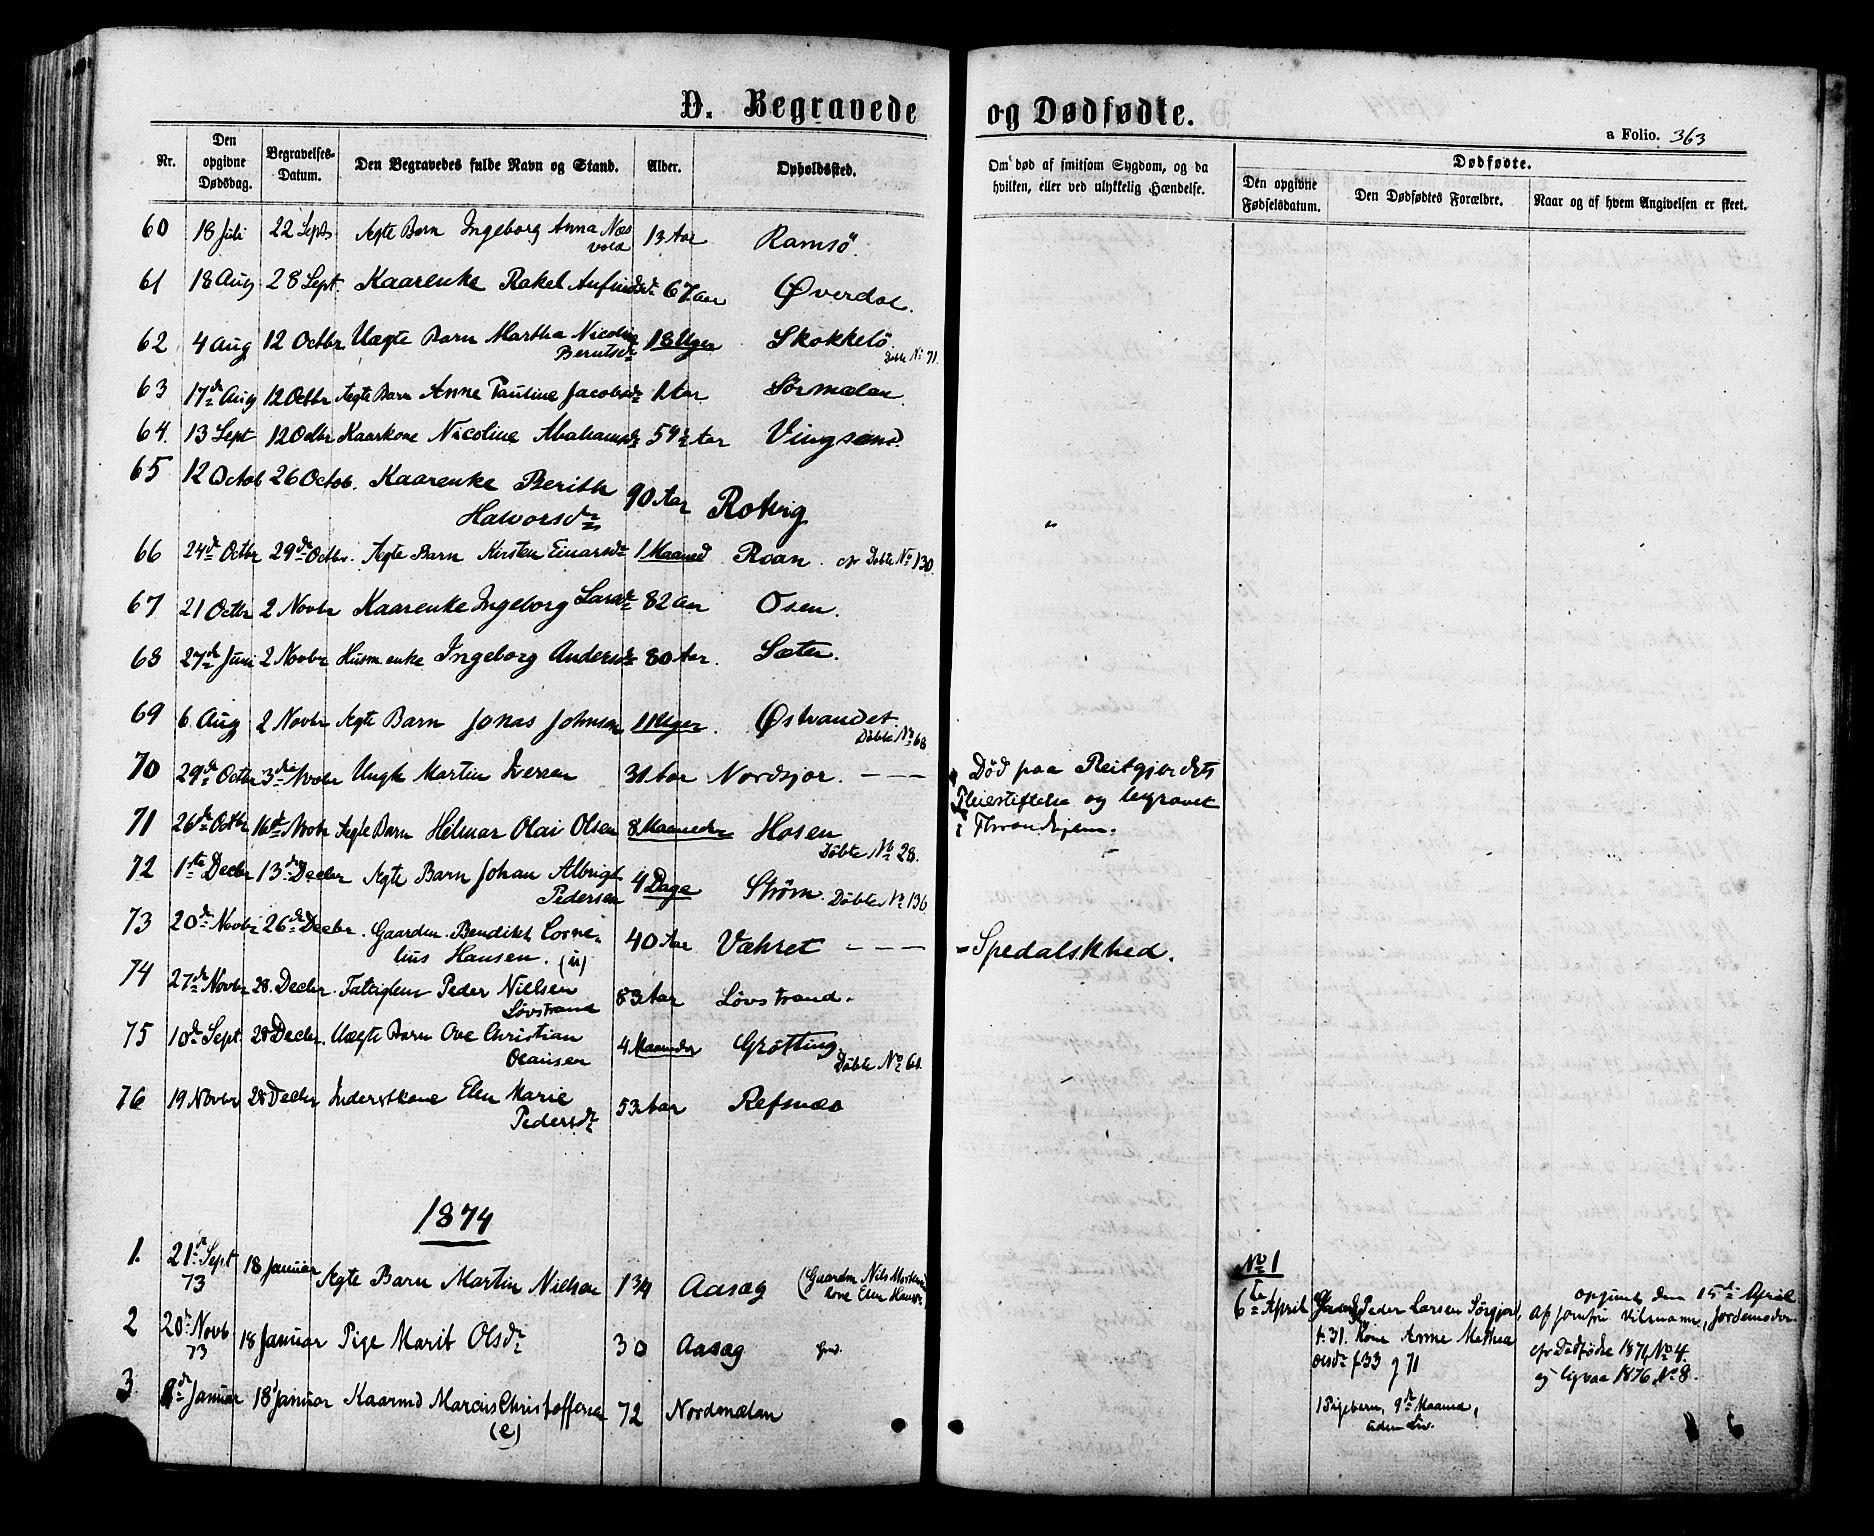 SAT, Ministerialprotokoller, klokkerbøker og fødselsregistre - Sør-Trøndelag, 657/L0706: Ministerialbok nr. 657A07, 1867-1878, s. 363